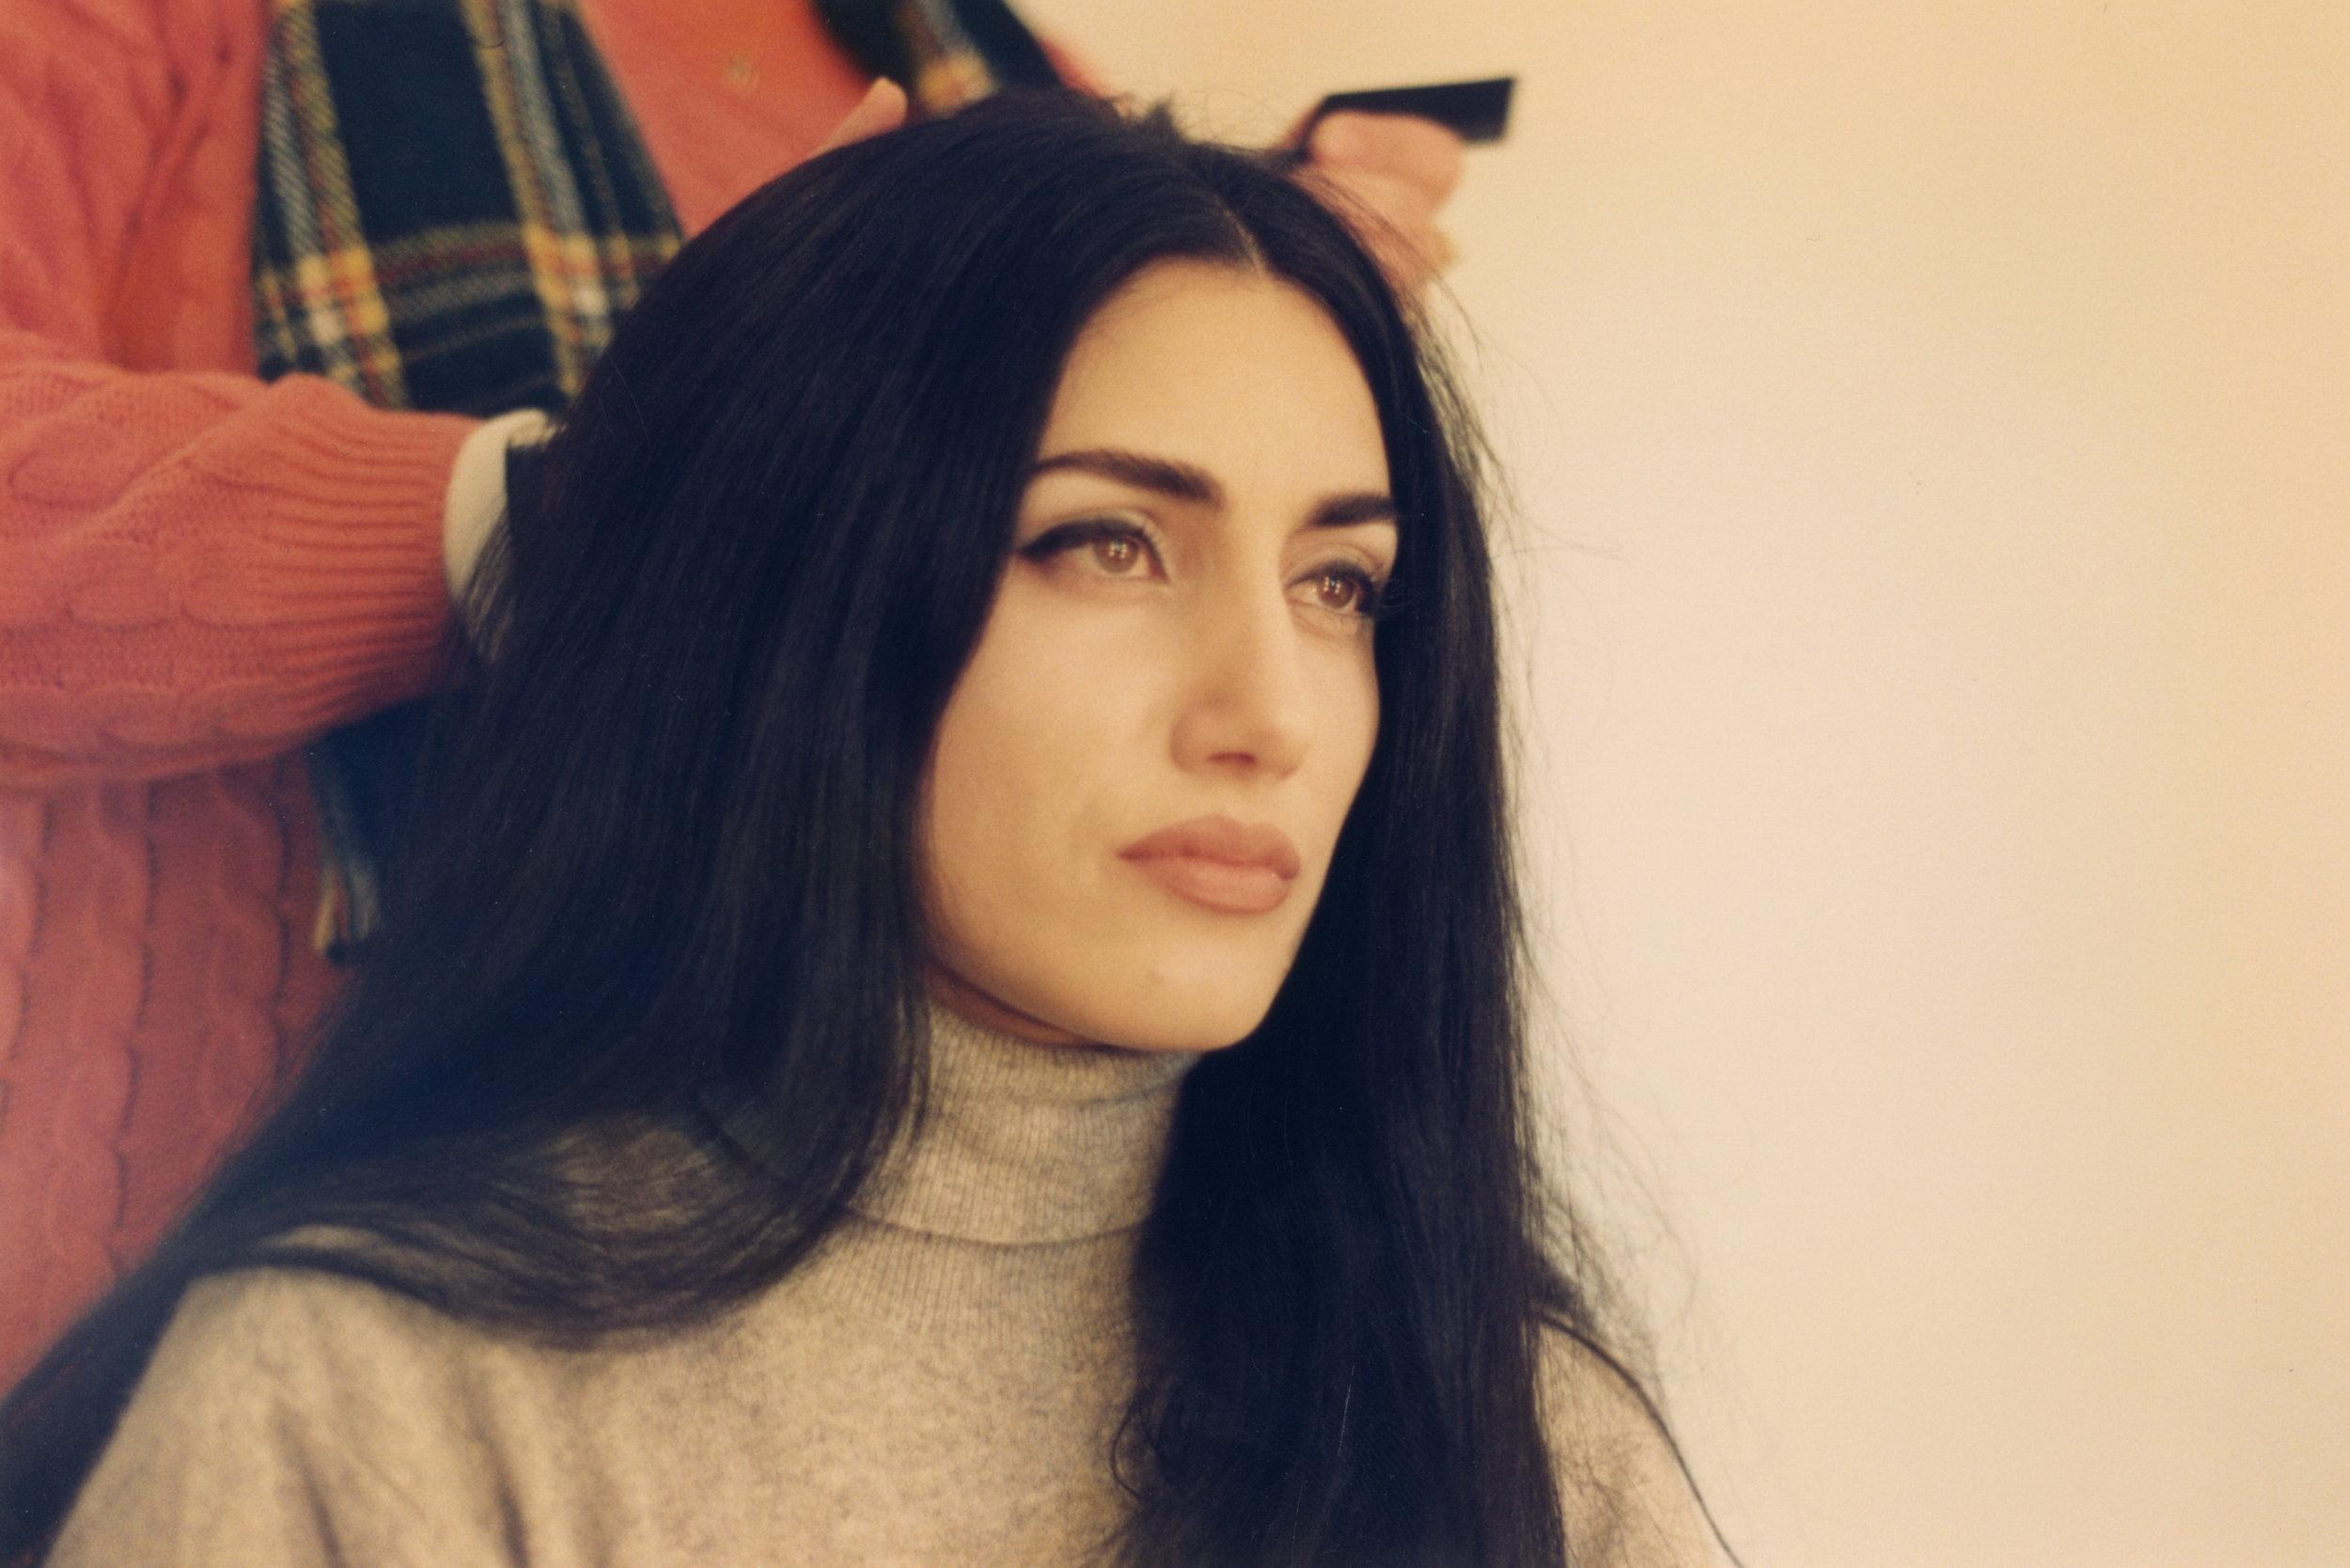 רונית אלקבץ (צילום: עדי קפלן)